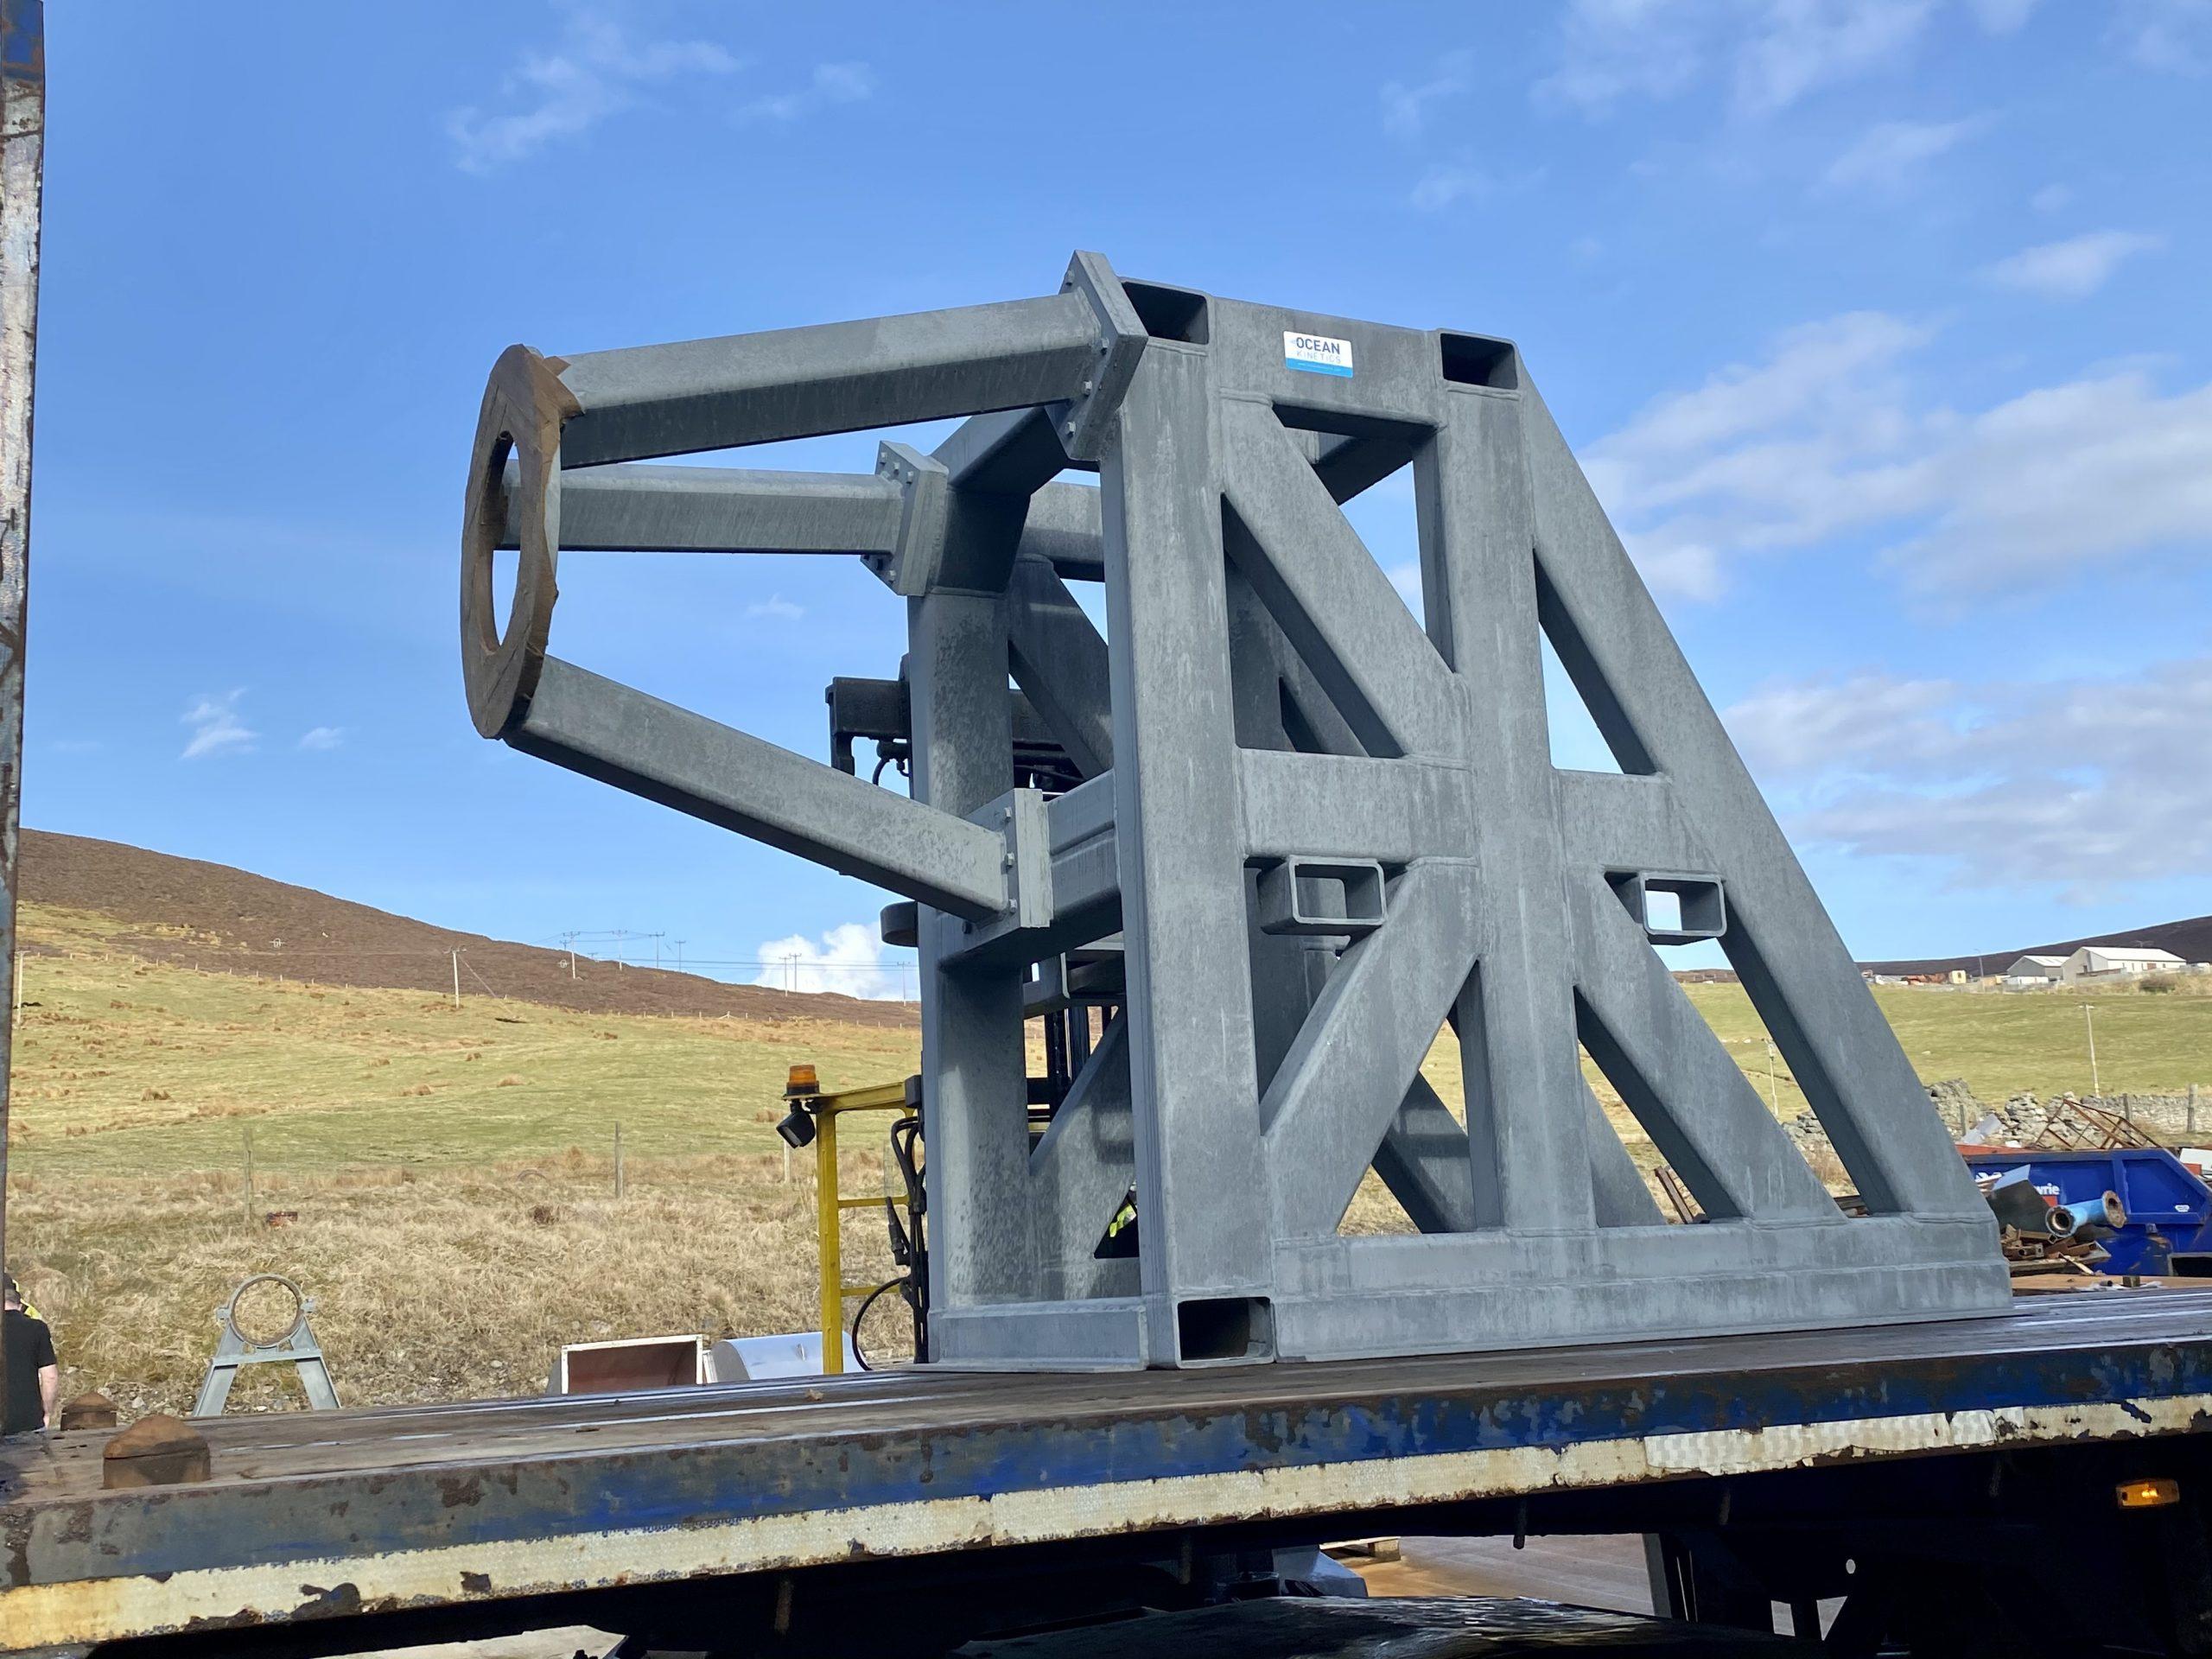 Rocket frame metalwork fabricated by Ocean Kinetics